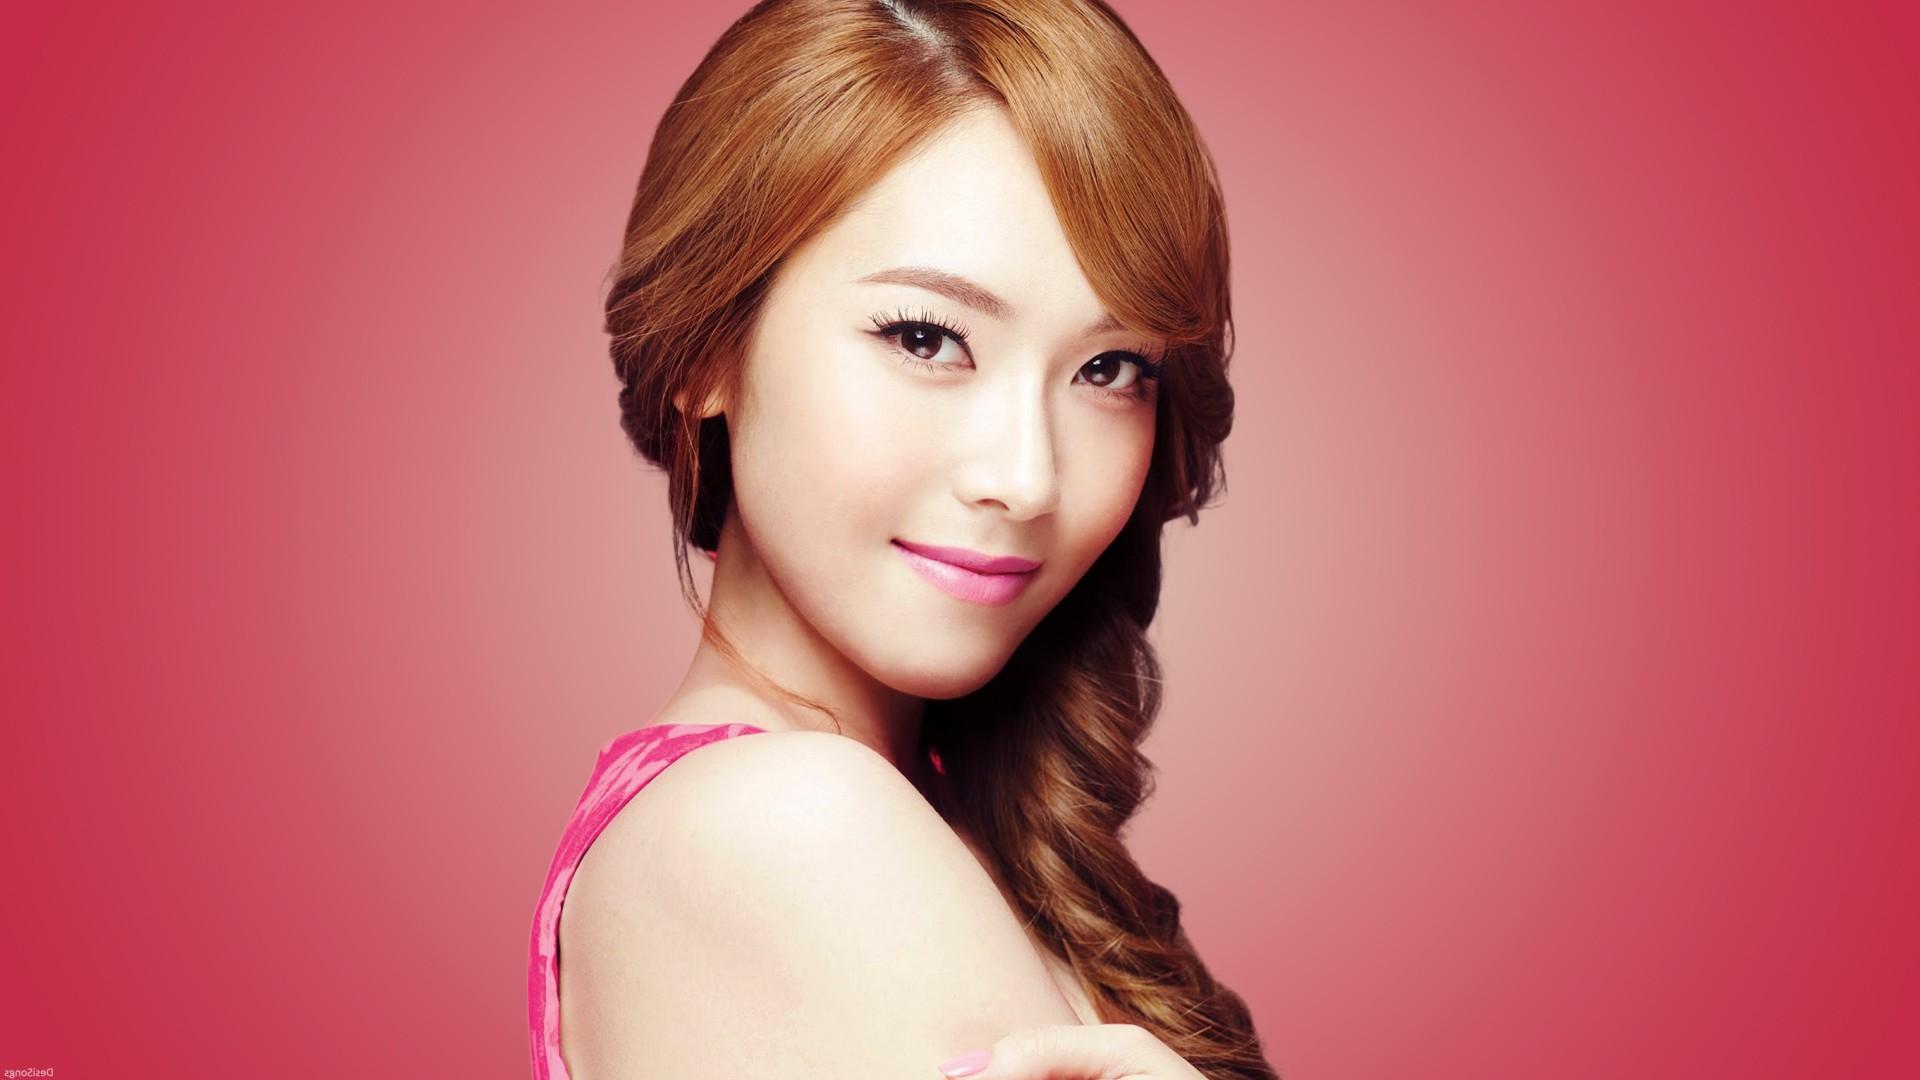 Wallpaper Women Model Long Hair Asian Singer Blue: Wallpaper : Face, Women, Model, Long Hair, Brunette, Red